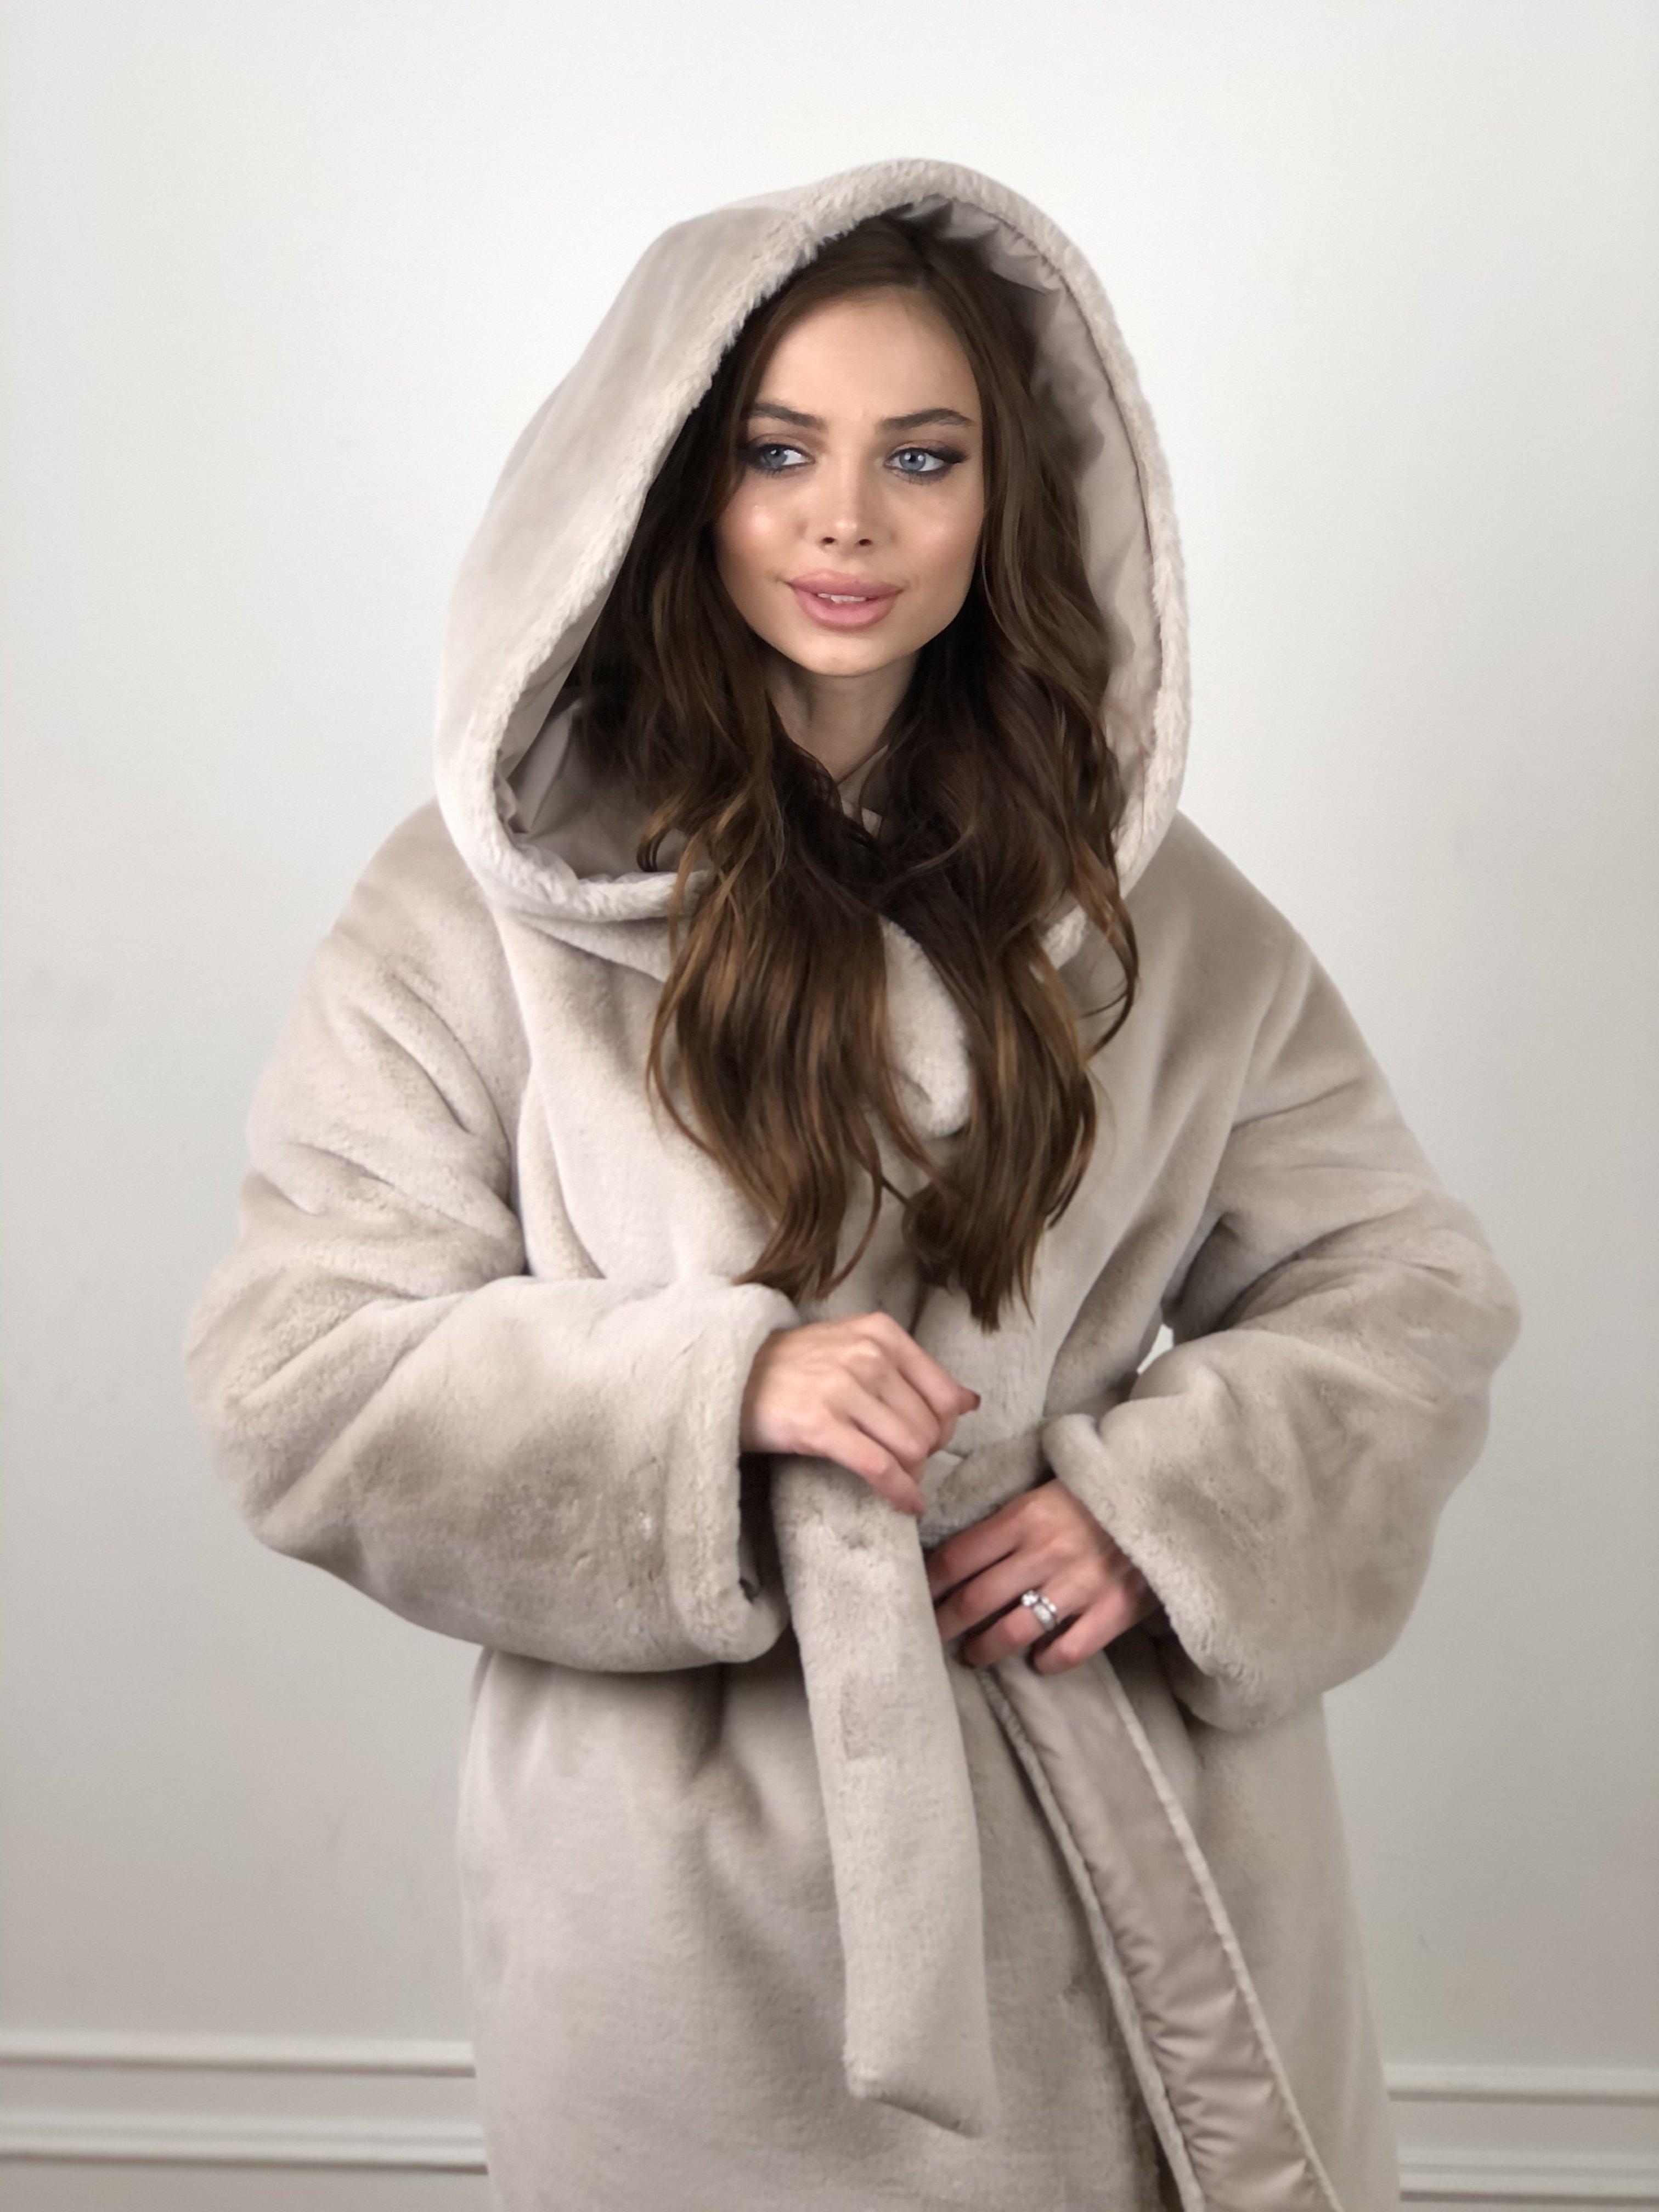 Сноу мех искуственный кролик   плащевка Канада зима пальто 10346 АРТ. 46646 Цвет: Св.серый/Кофе - фото 6, интернет магазин tm-modus.ru